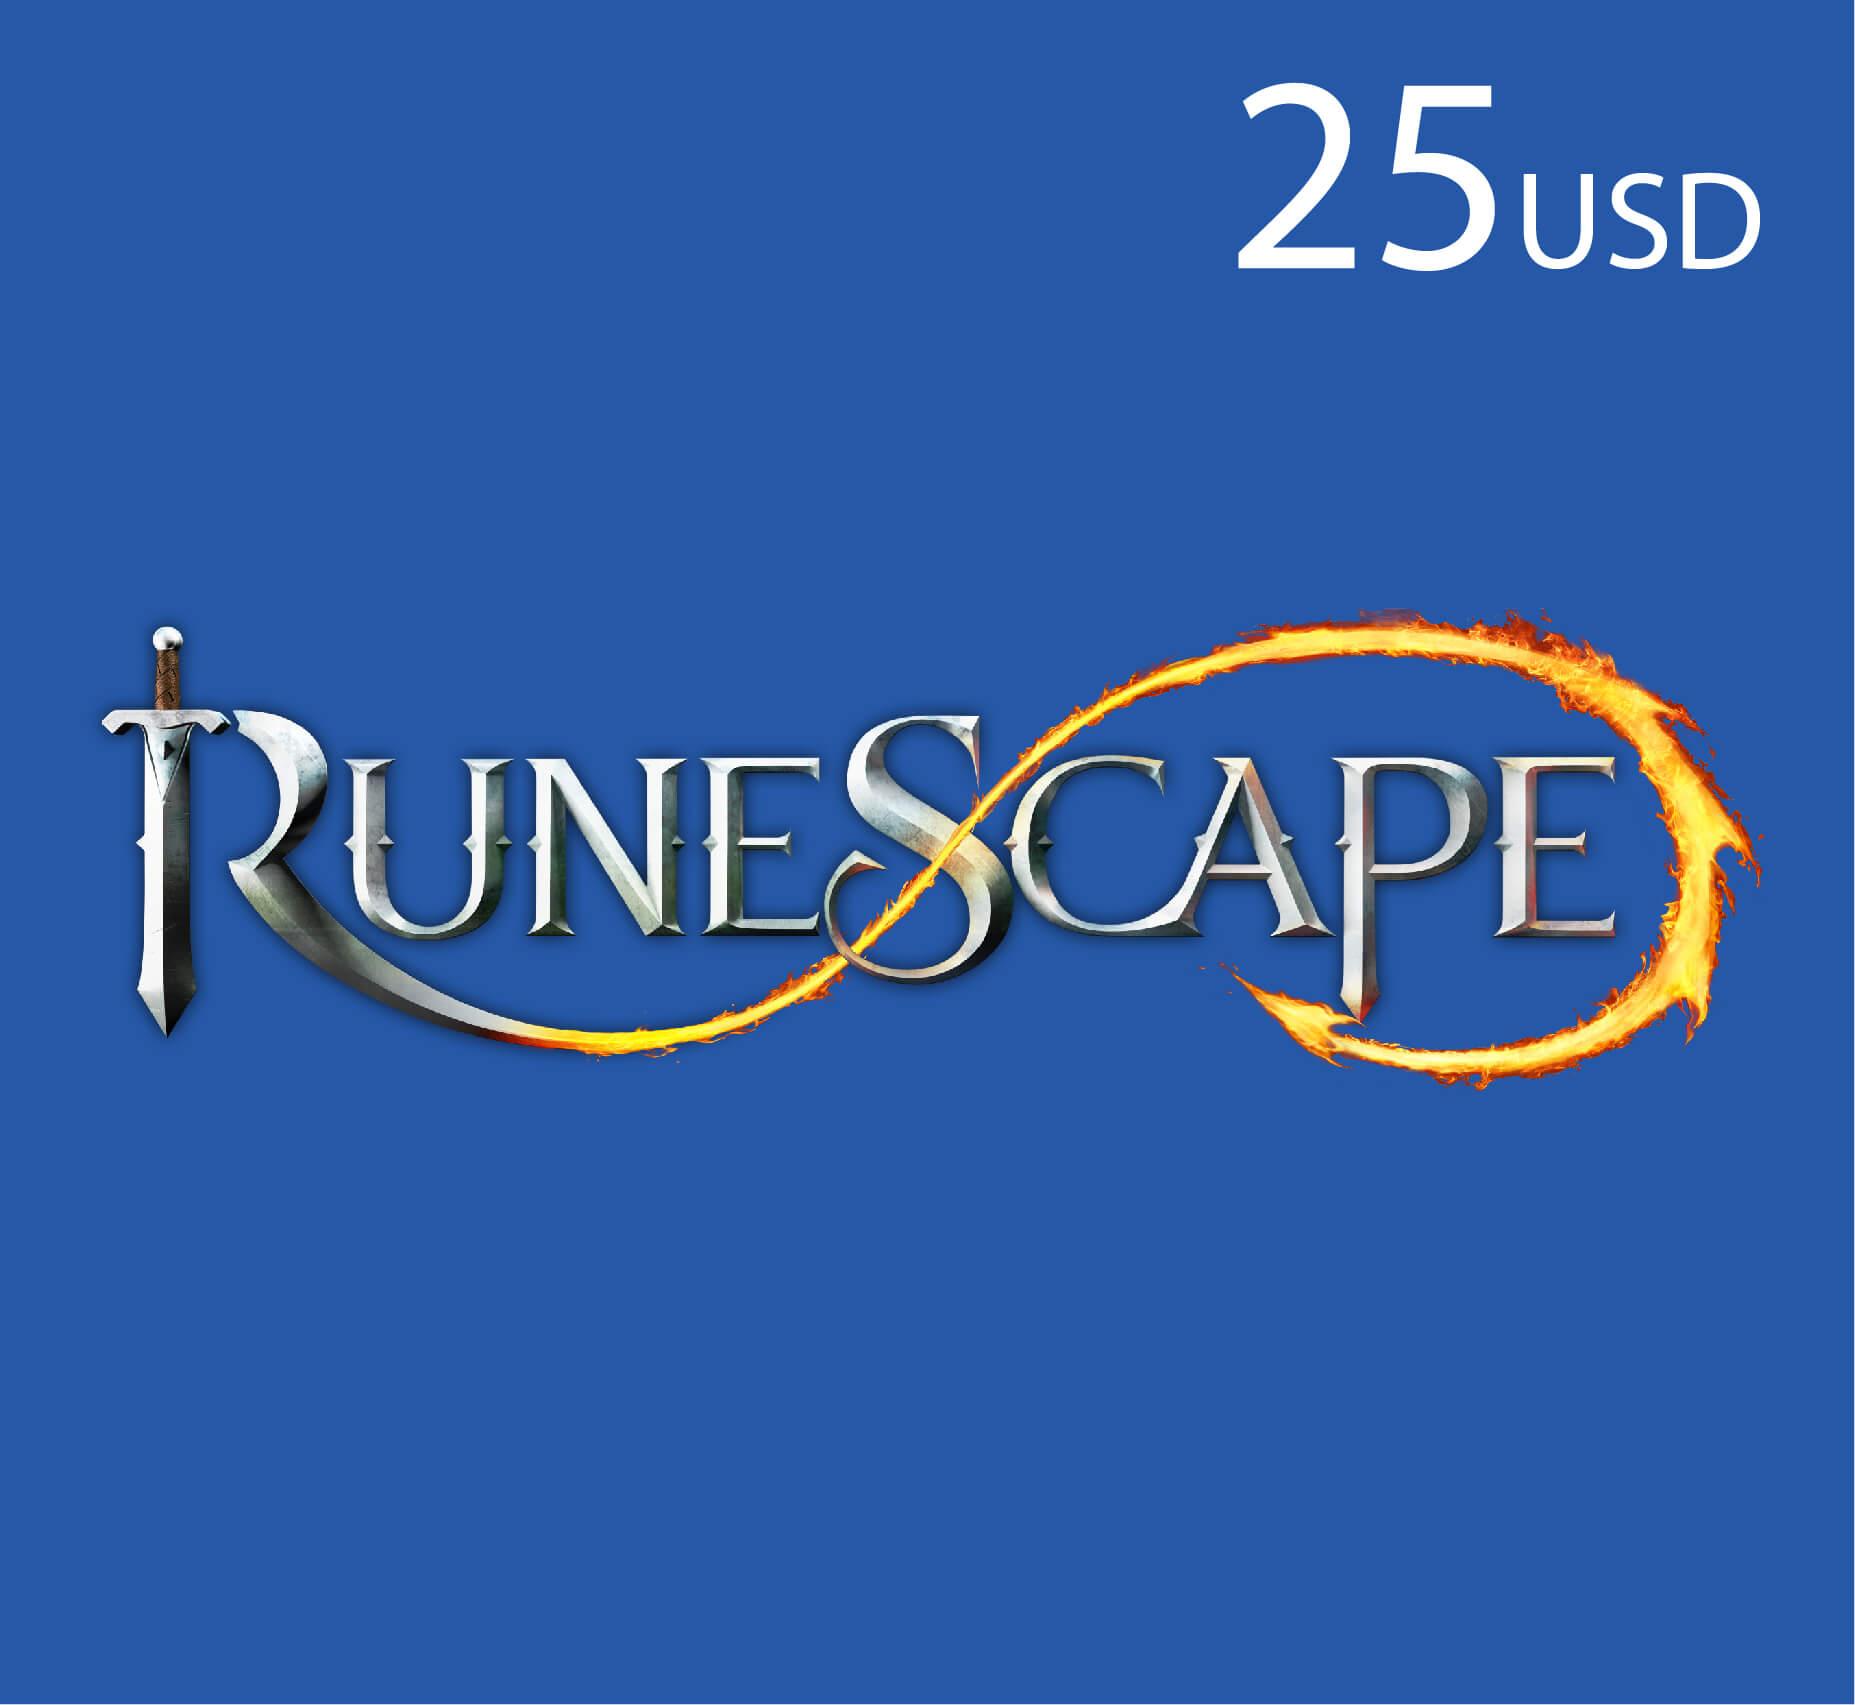 Runescape - $25 (INT)